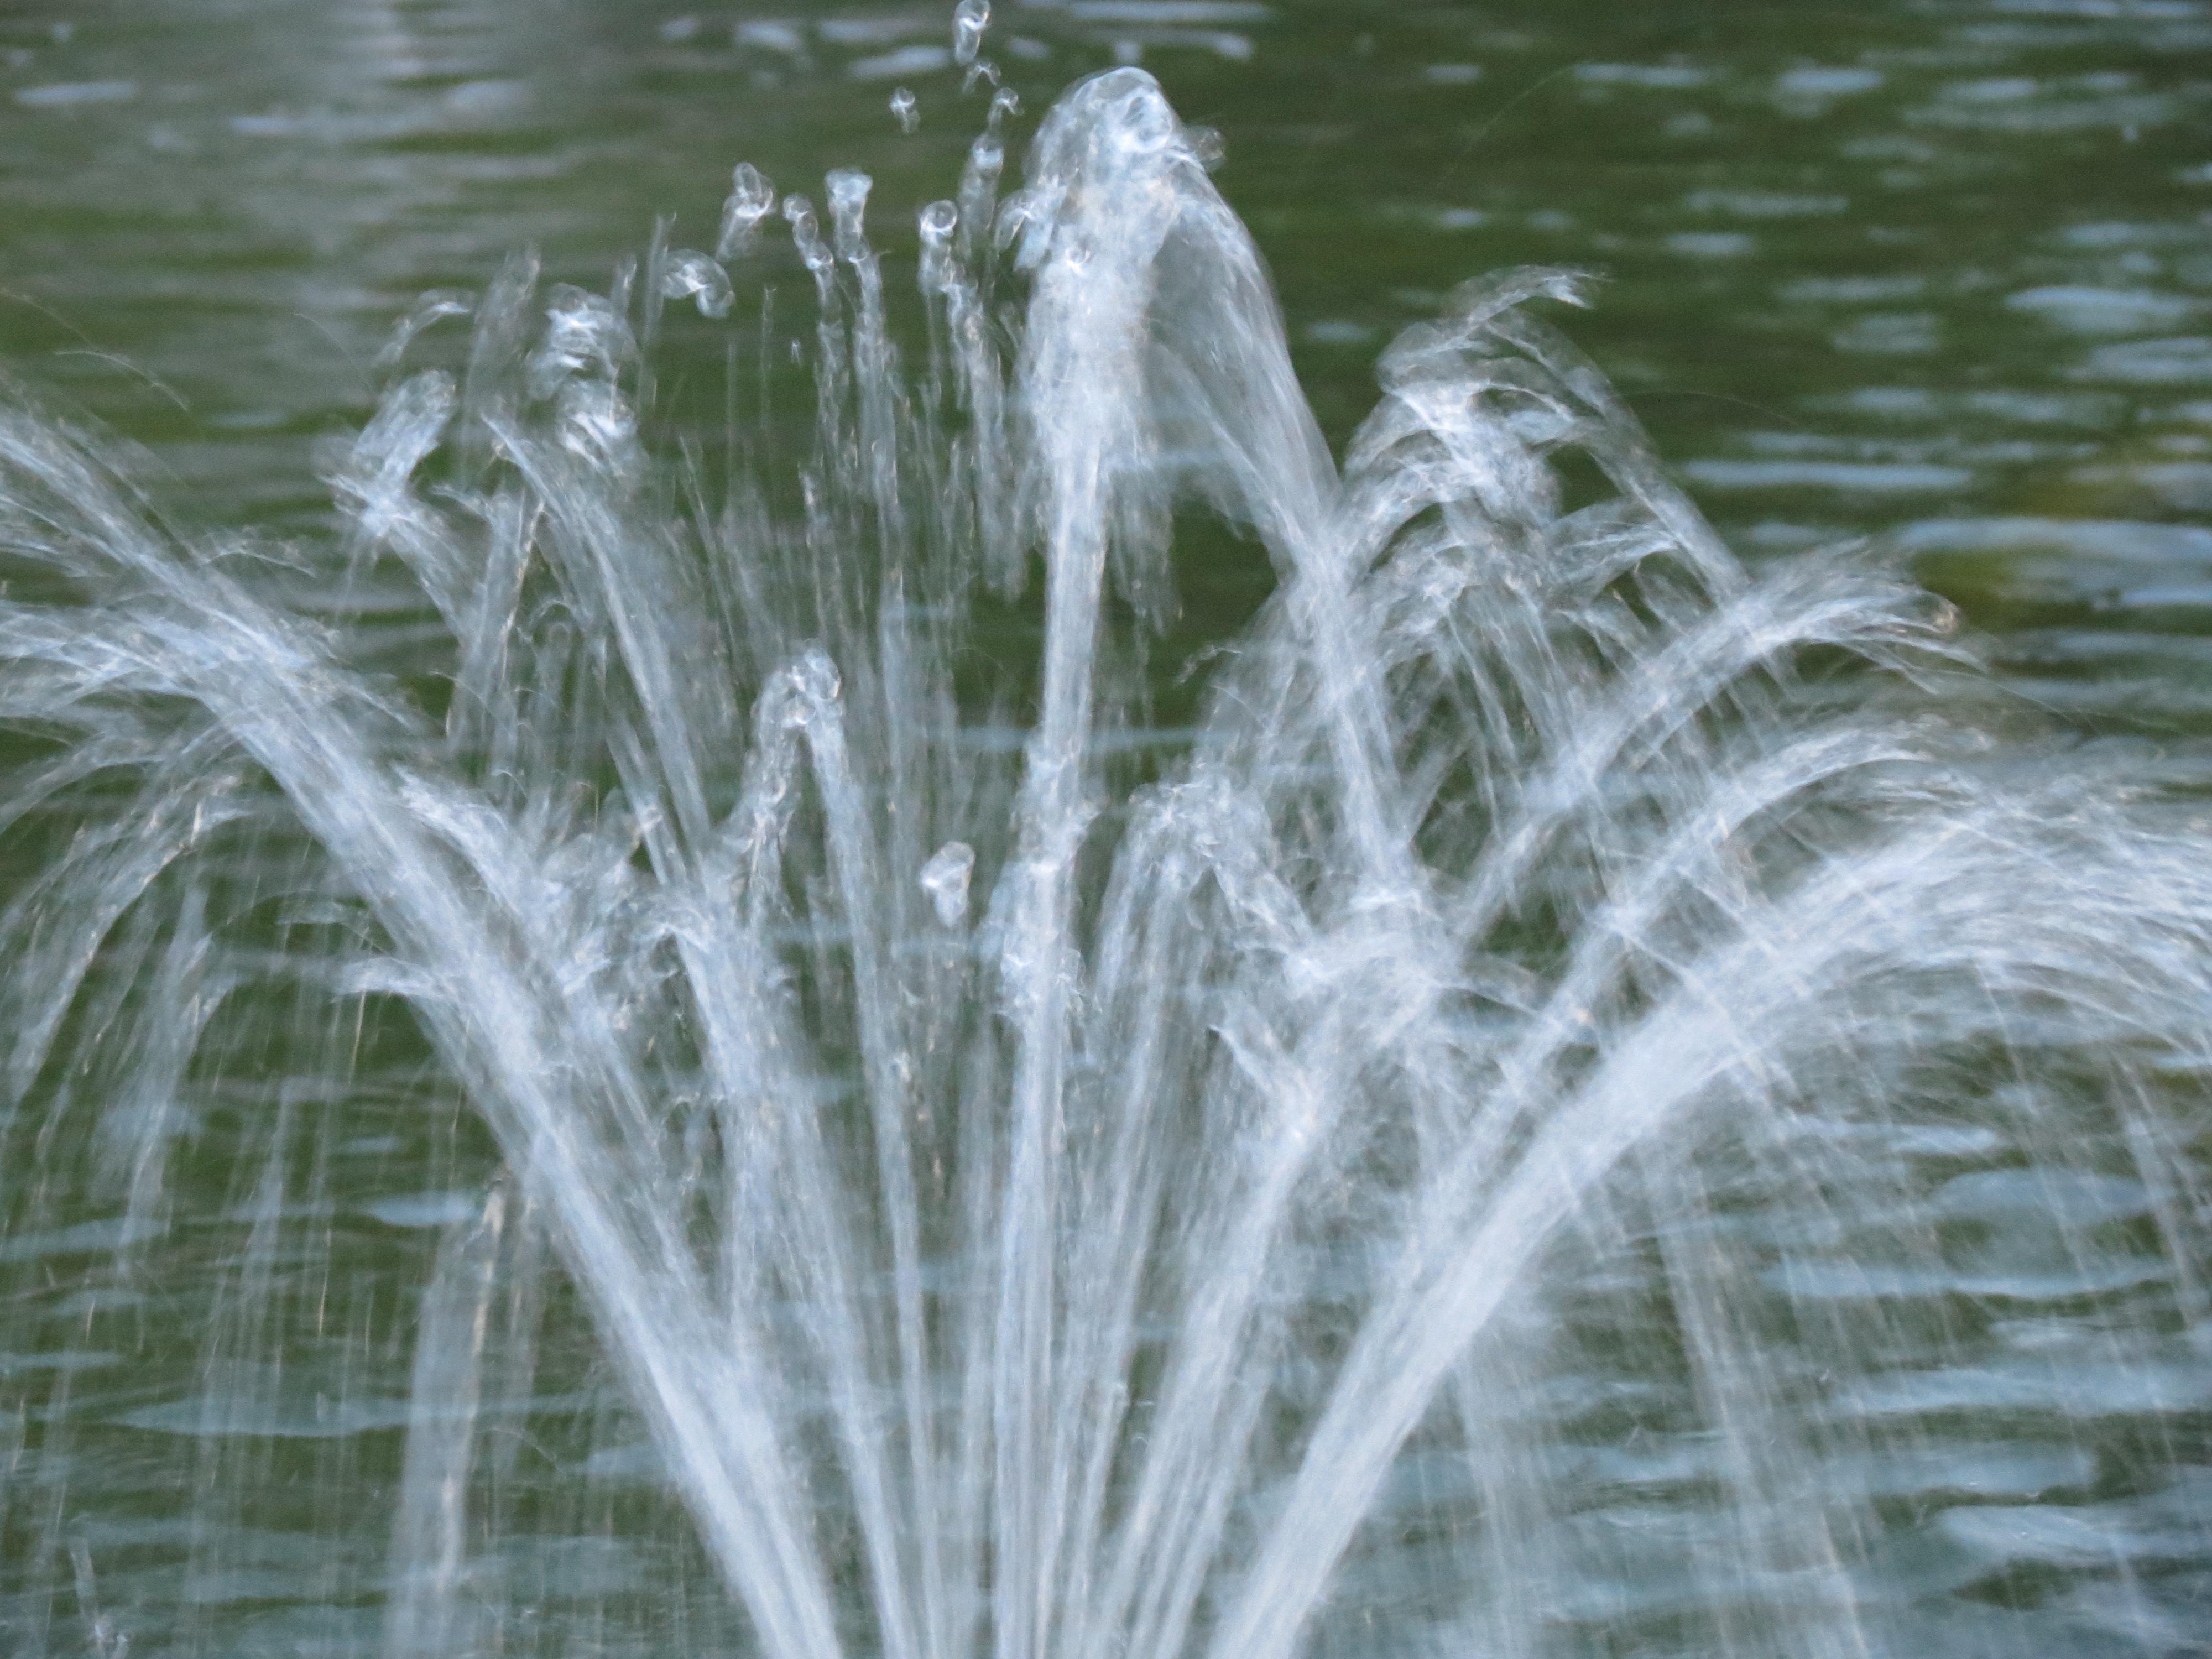 Маленький фонтан в парке, обои для рабочего стола, фотография высокого разрешения и качества